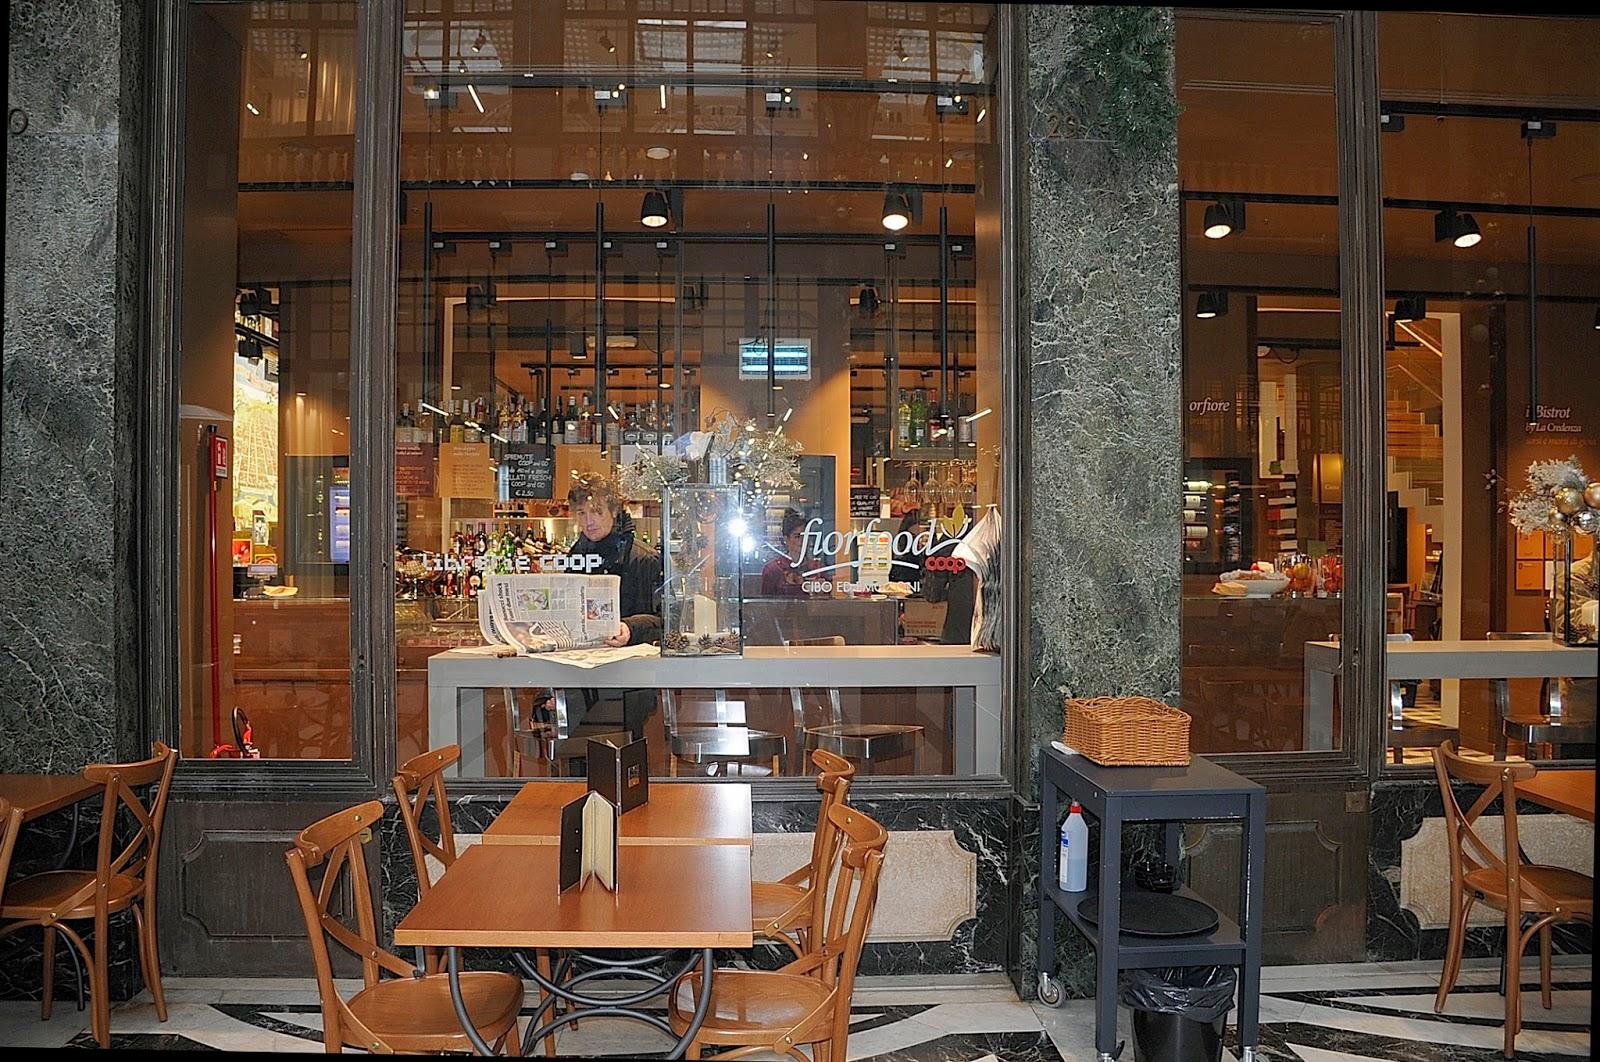 La Credenza Torino : Armadillo bar vino cibo e musica: fior fiore fiorfood by la credenza